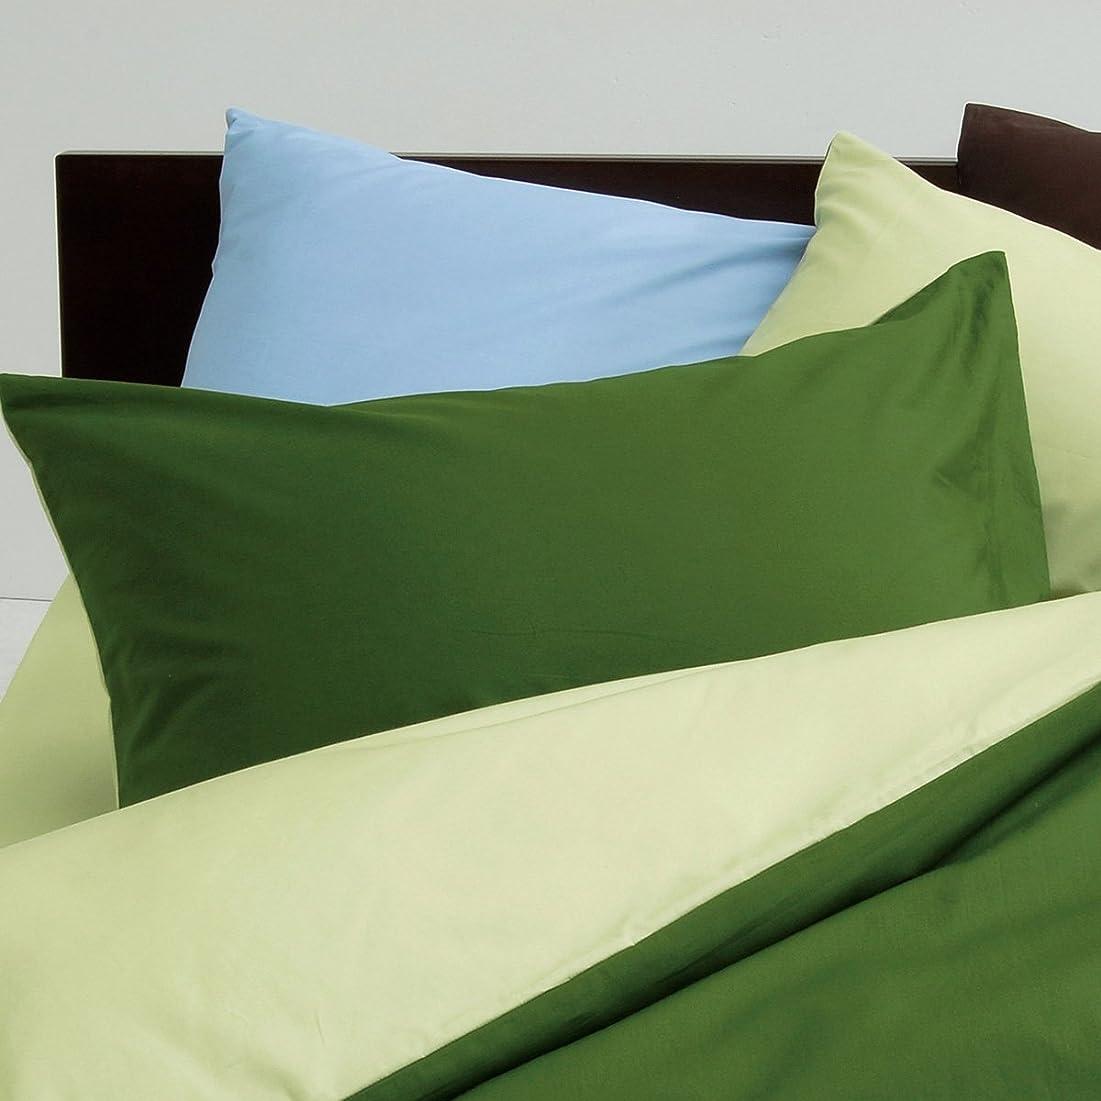 せせらぎ穏やかなアミューズ西川リビング mee 枕カバー ピローケース 43×63cm対応 ライトグリーン/グリーン 日本製 ME00 2187-01910-53